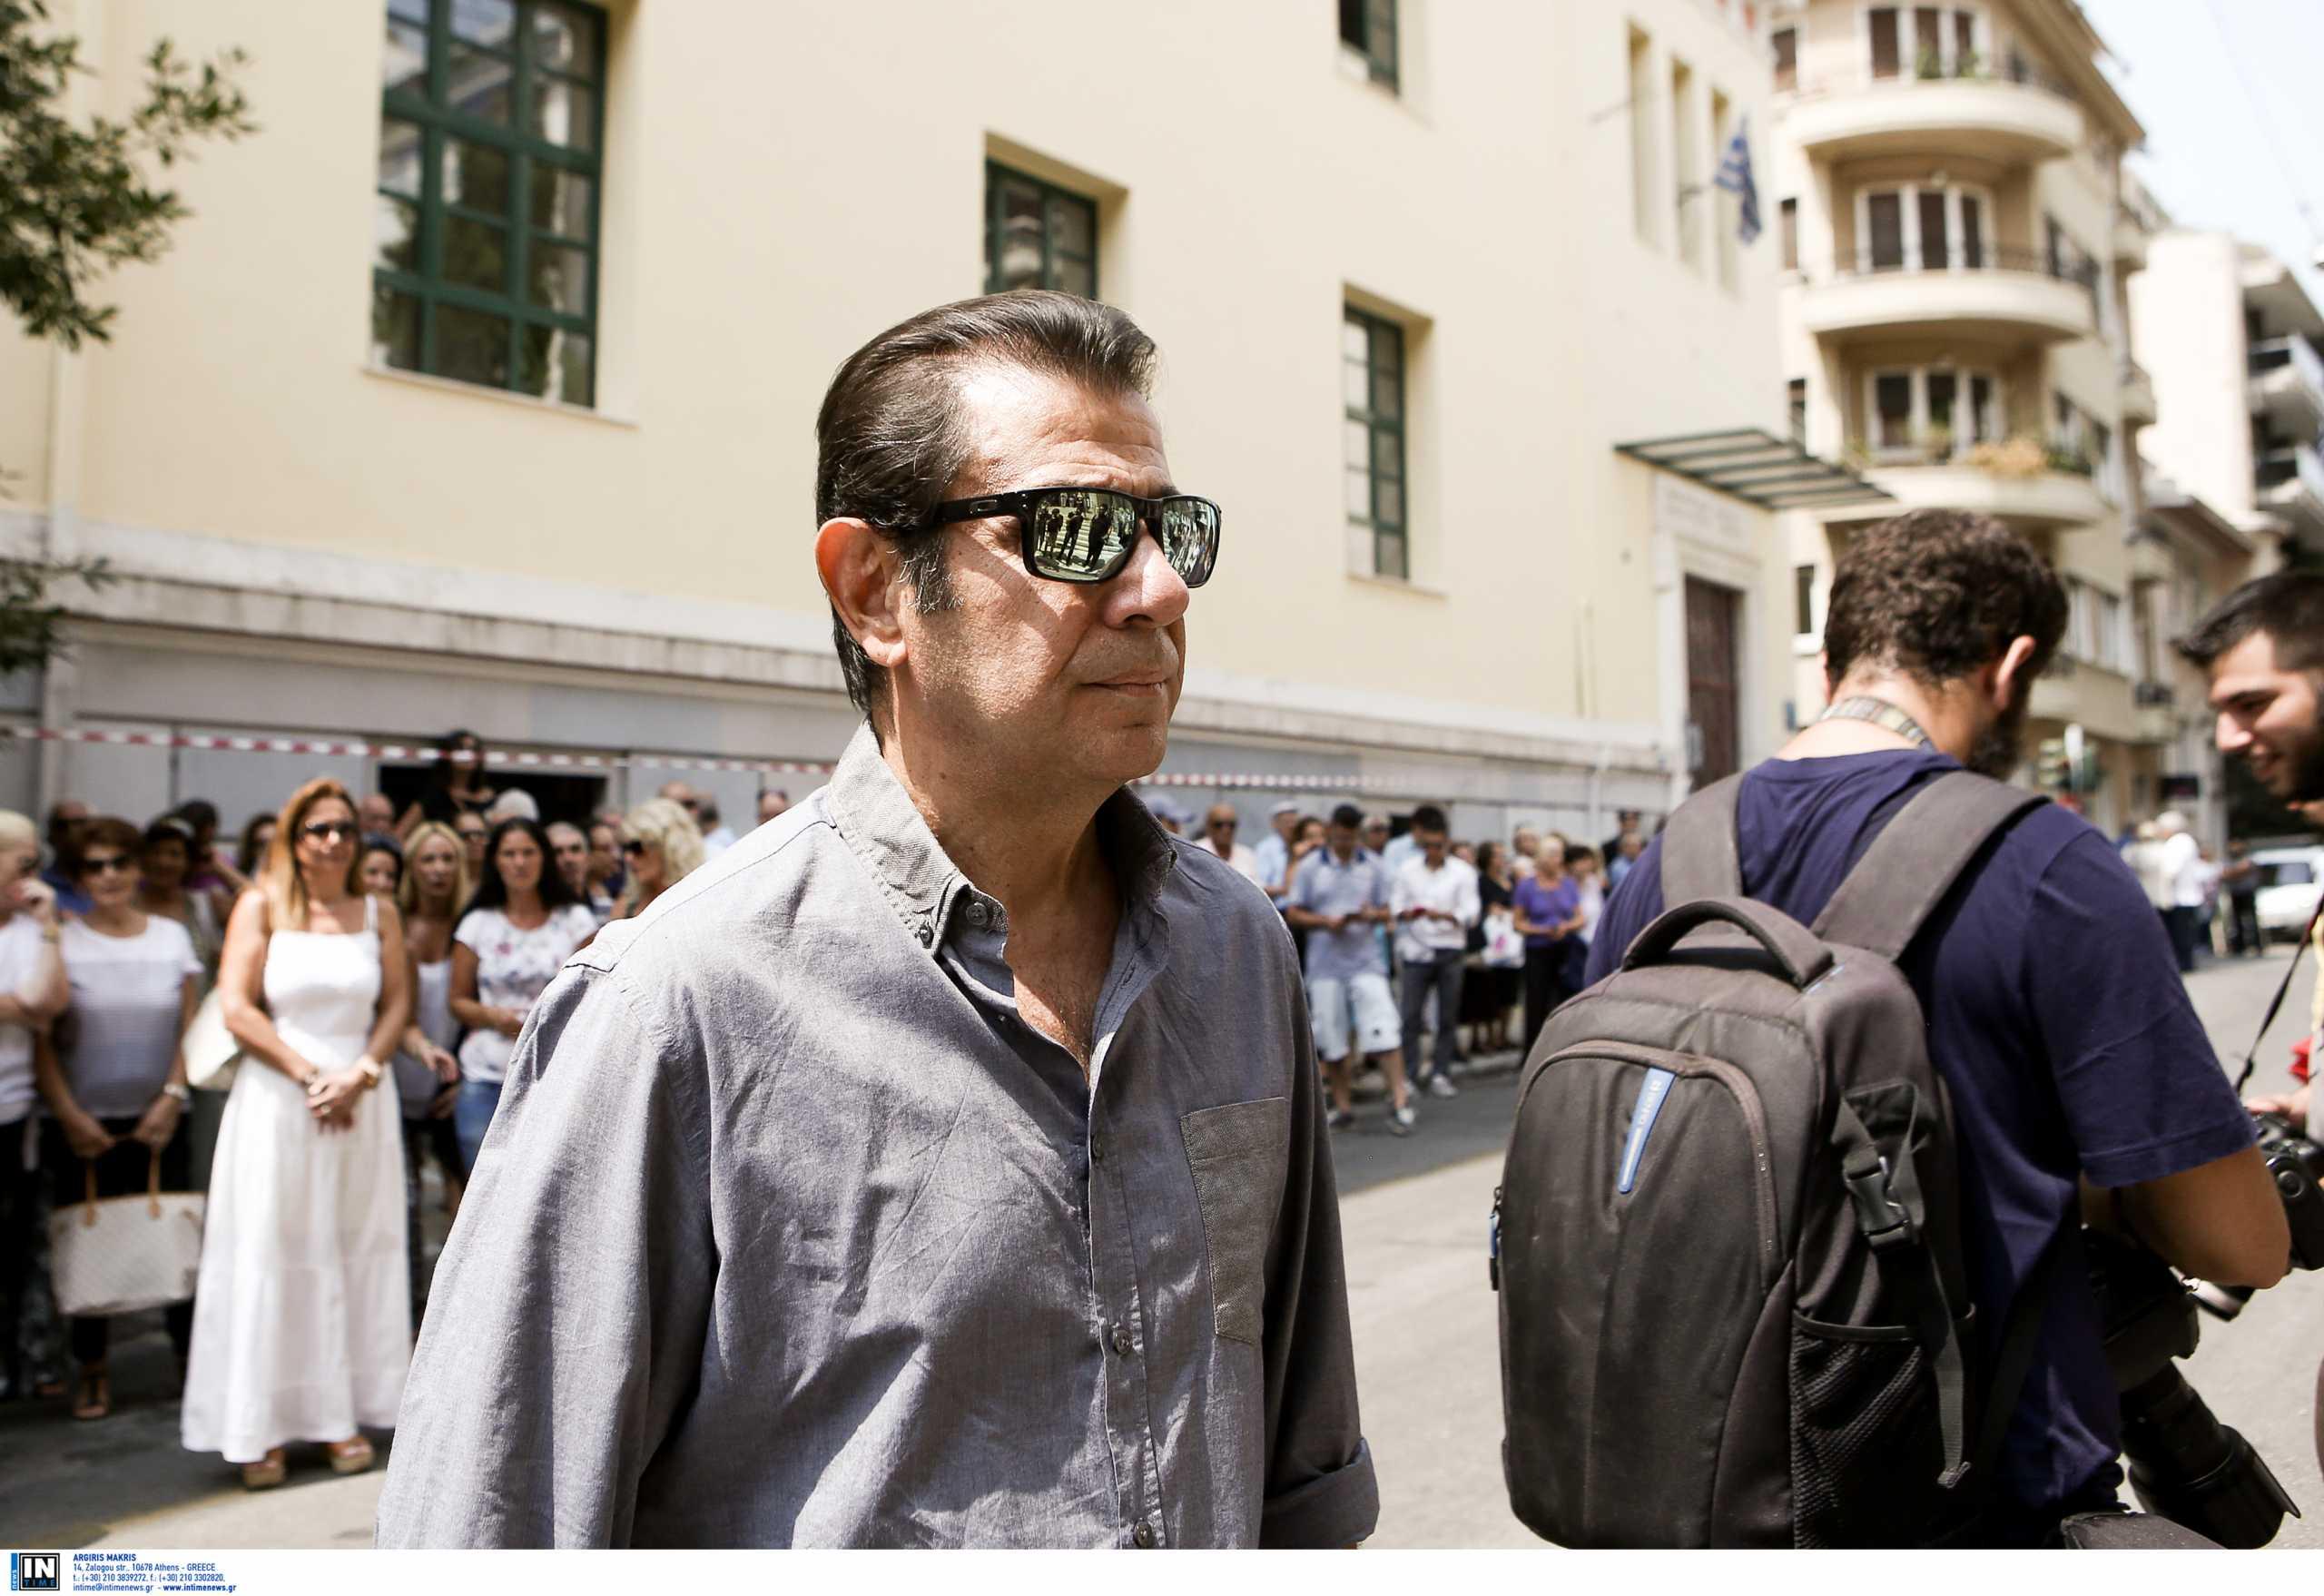 Ο Δάνης Κατρανίδης διαψεύδει πως δίνει μάχη για τη ζωή του